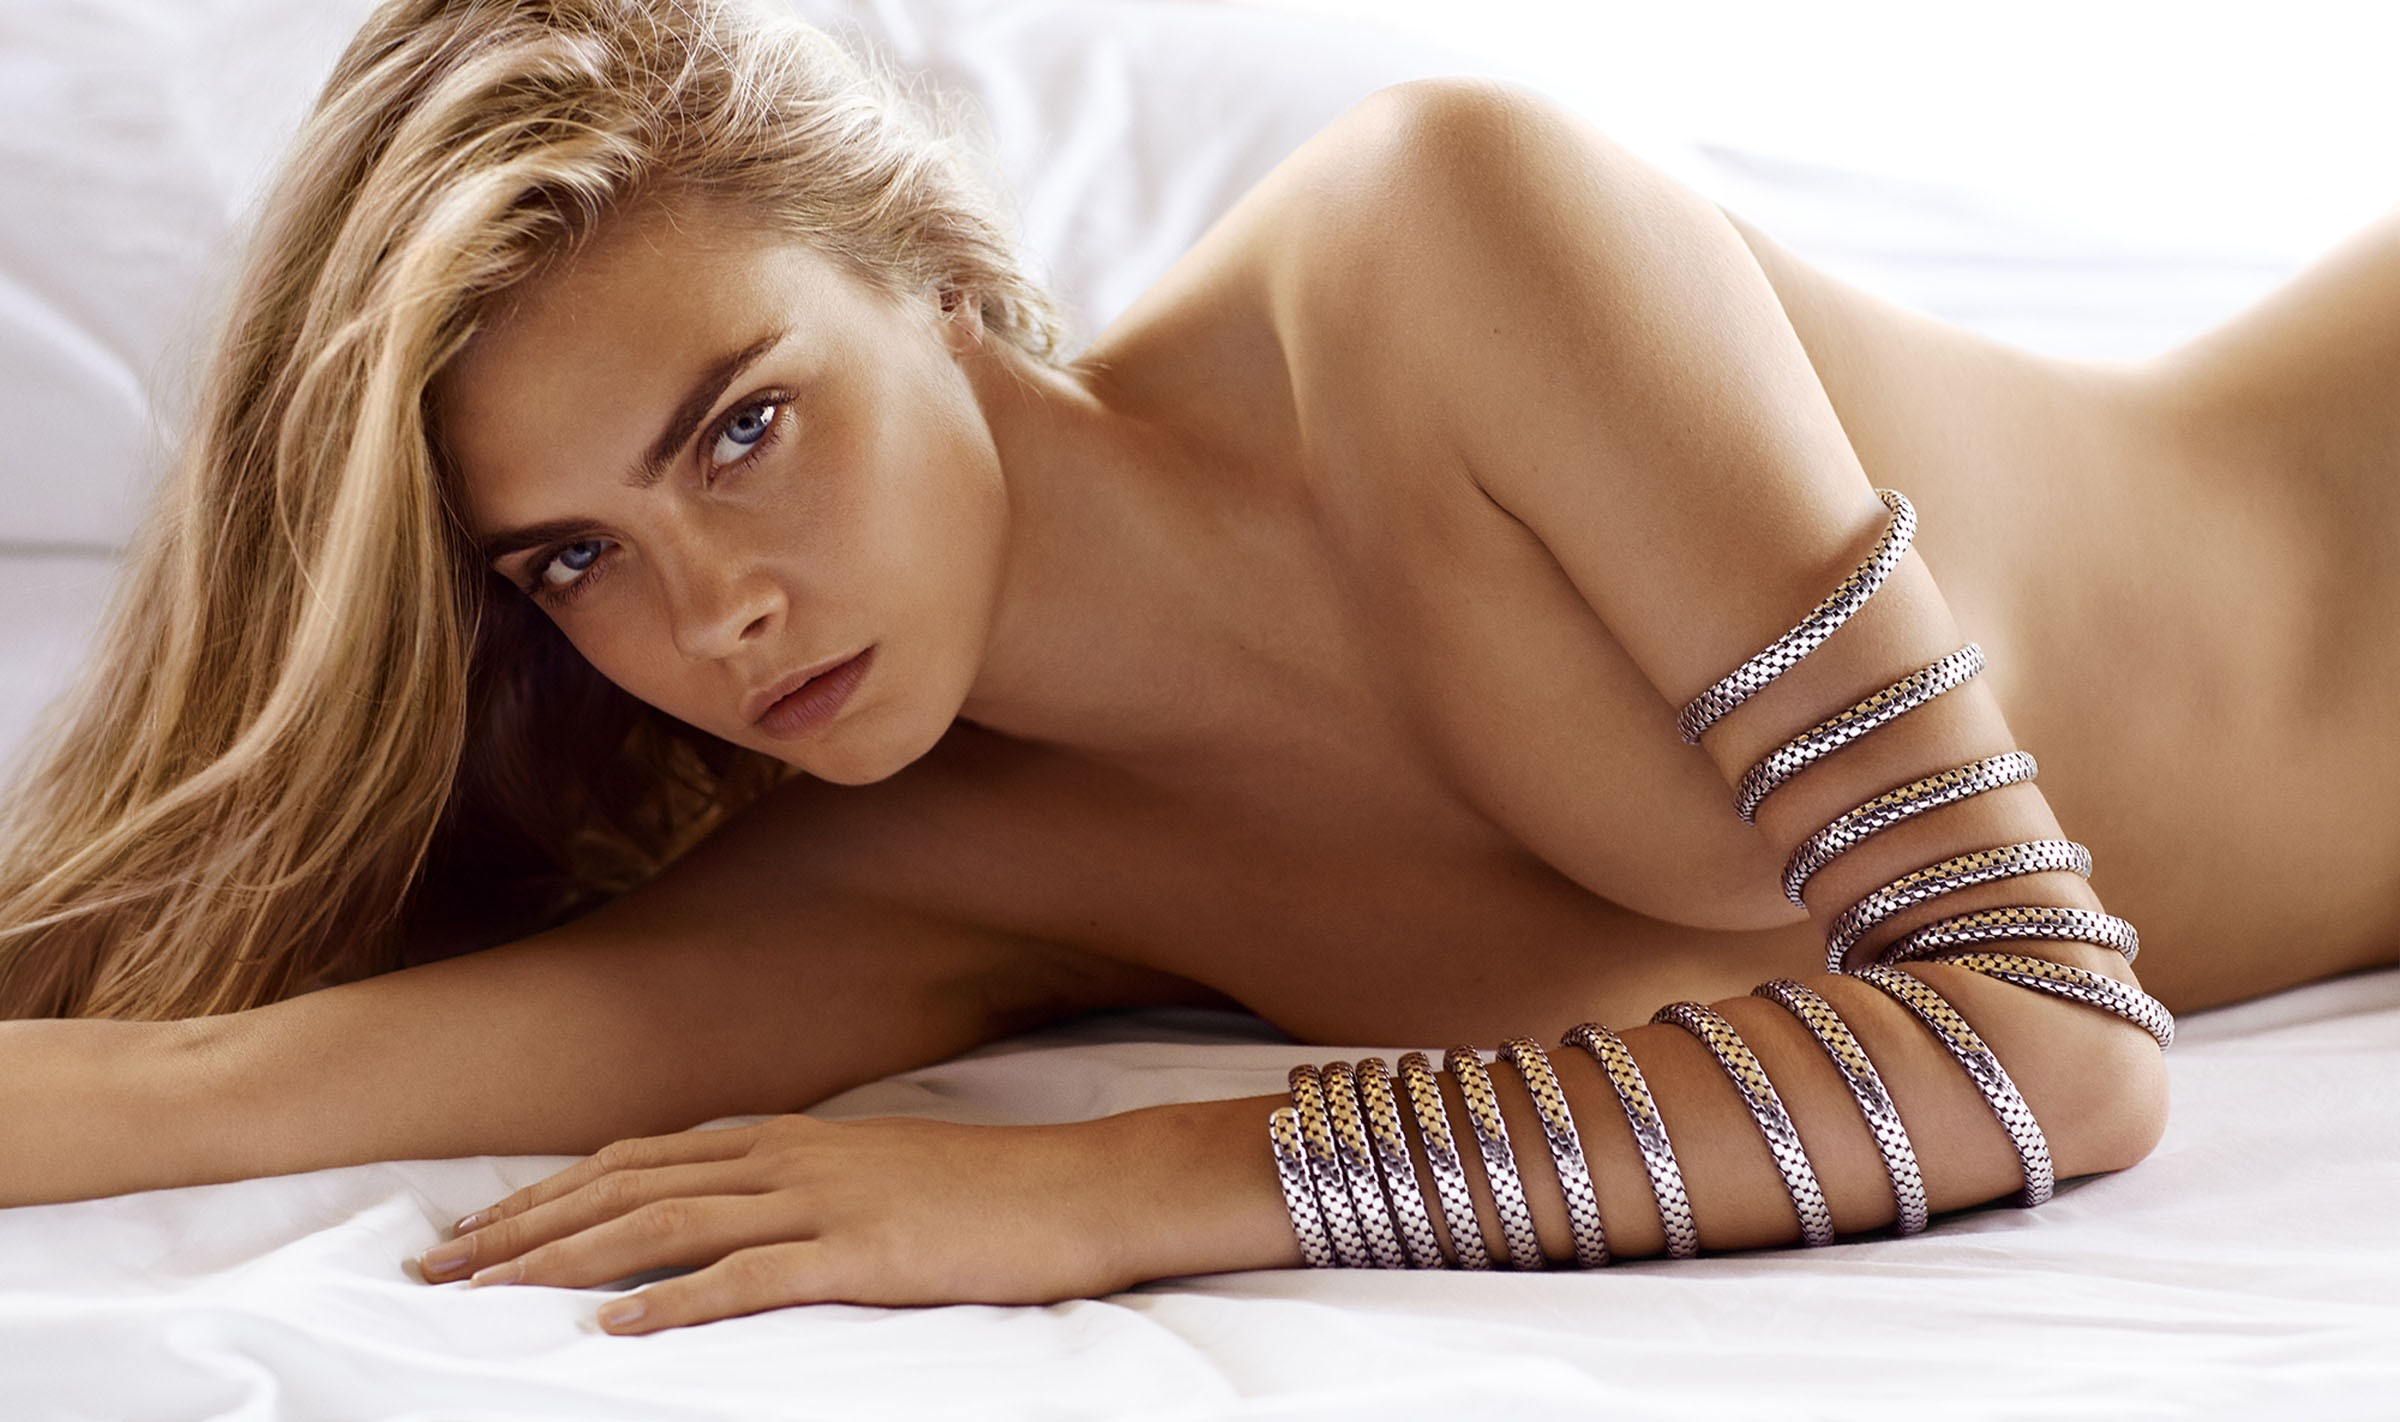 Голая Кара Делевинь позирует лежа с браслетами на руке